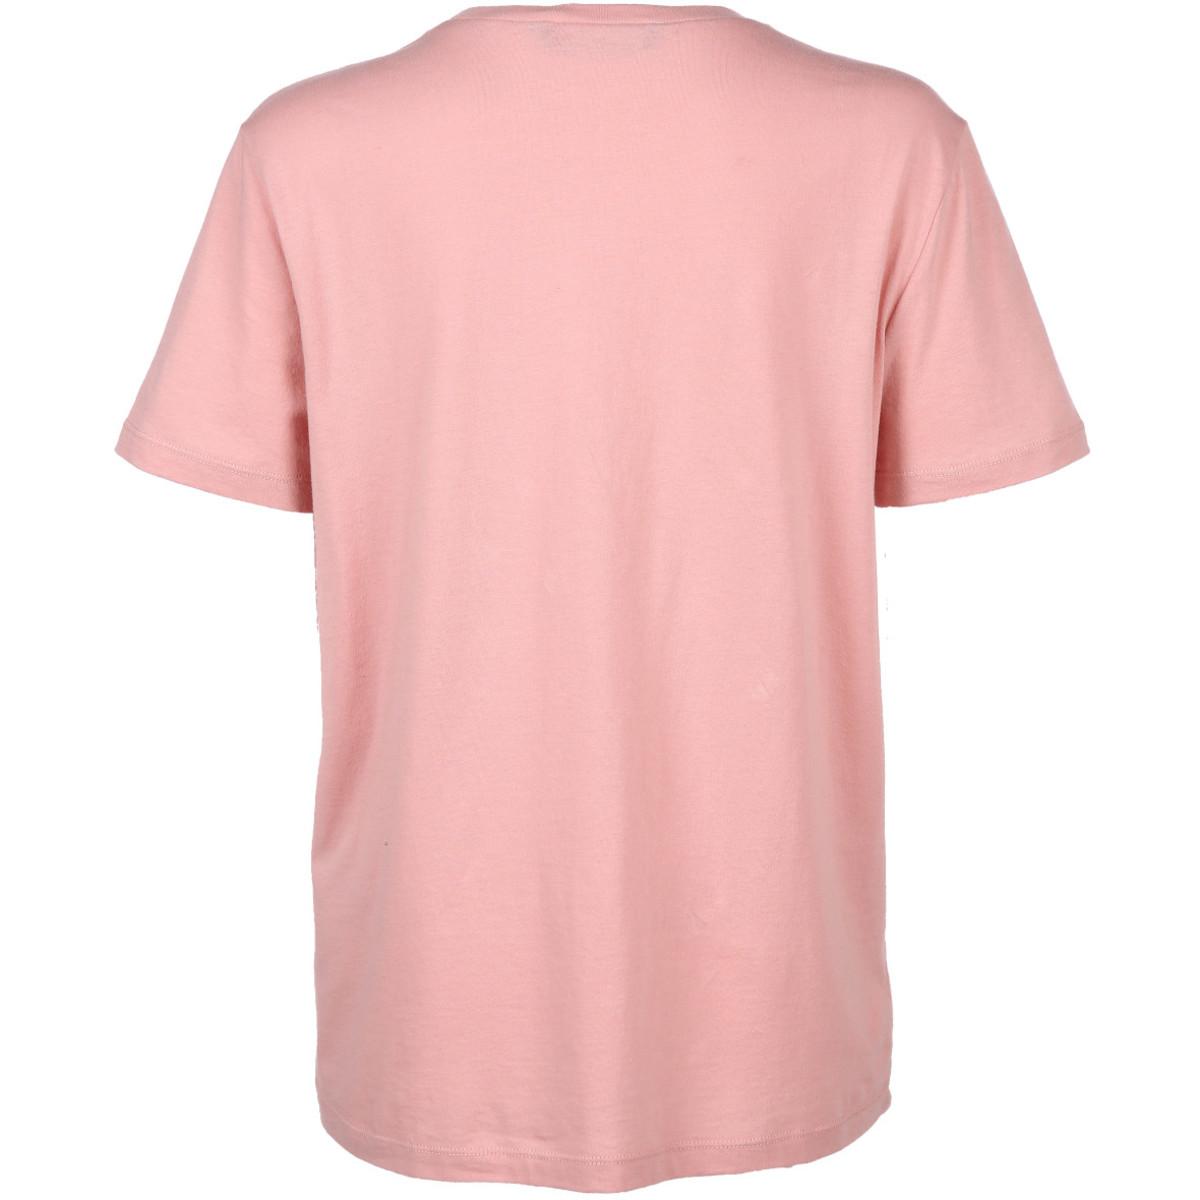 Bild 2 von Damen Only Shirt mit Wording Print